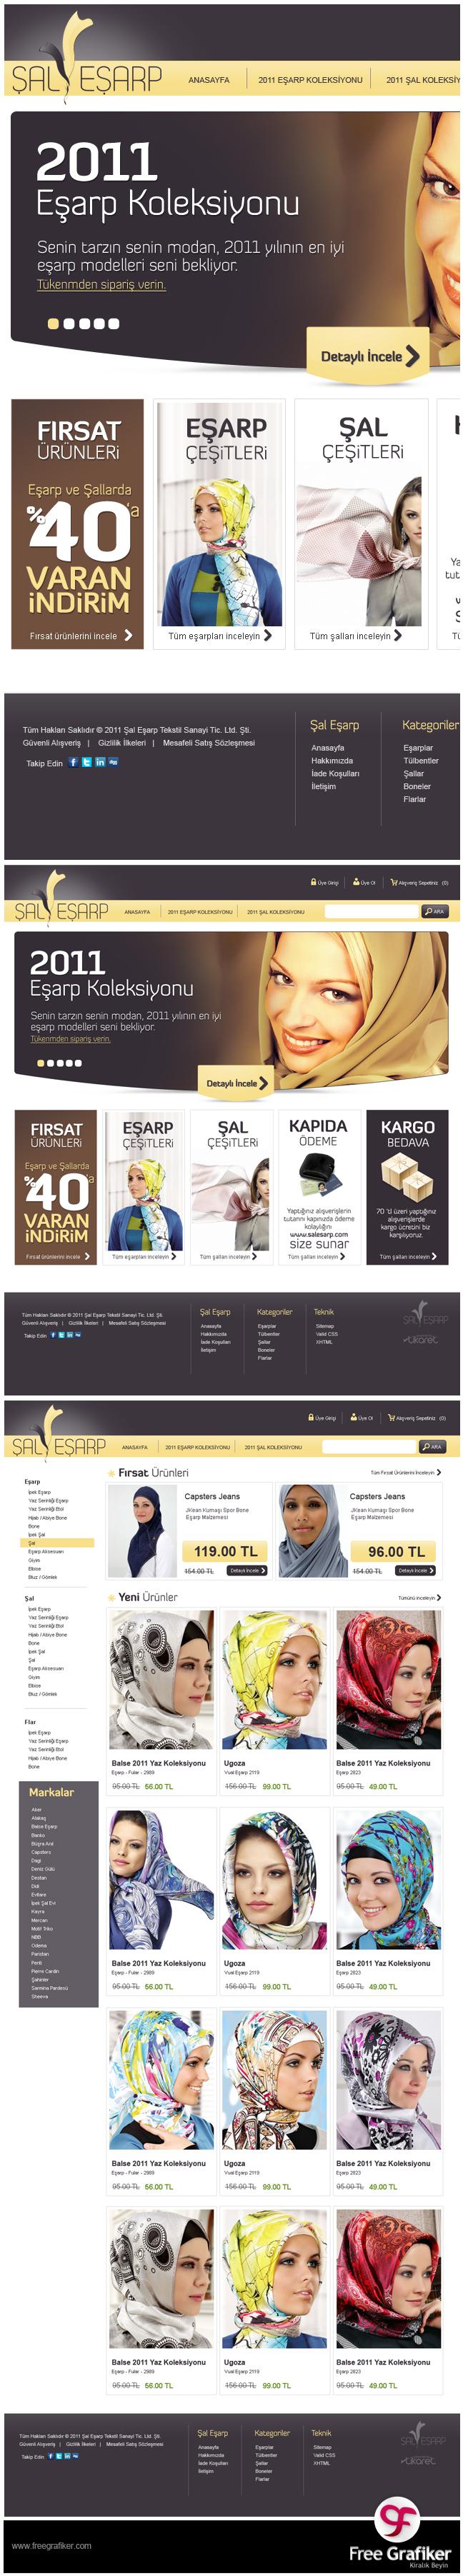 Şal Eşarp E Ticaret Sitesi Tasarımı